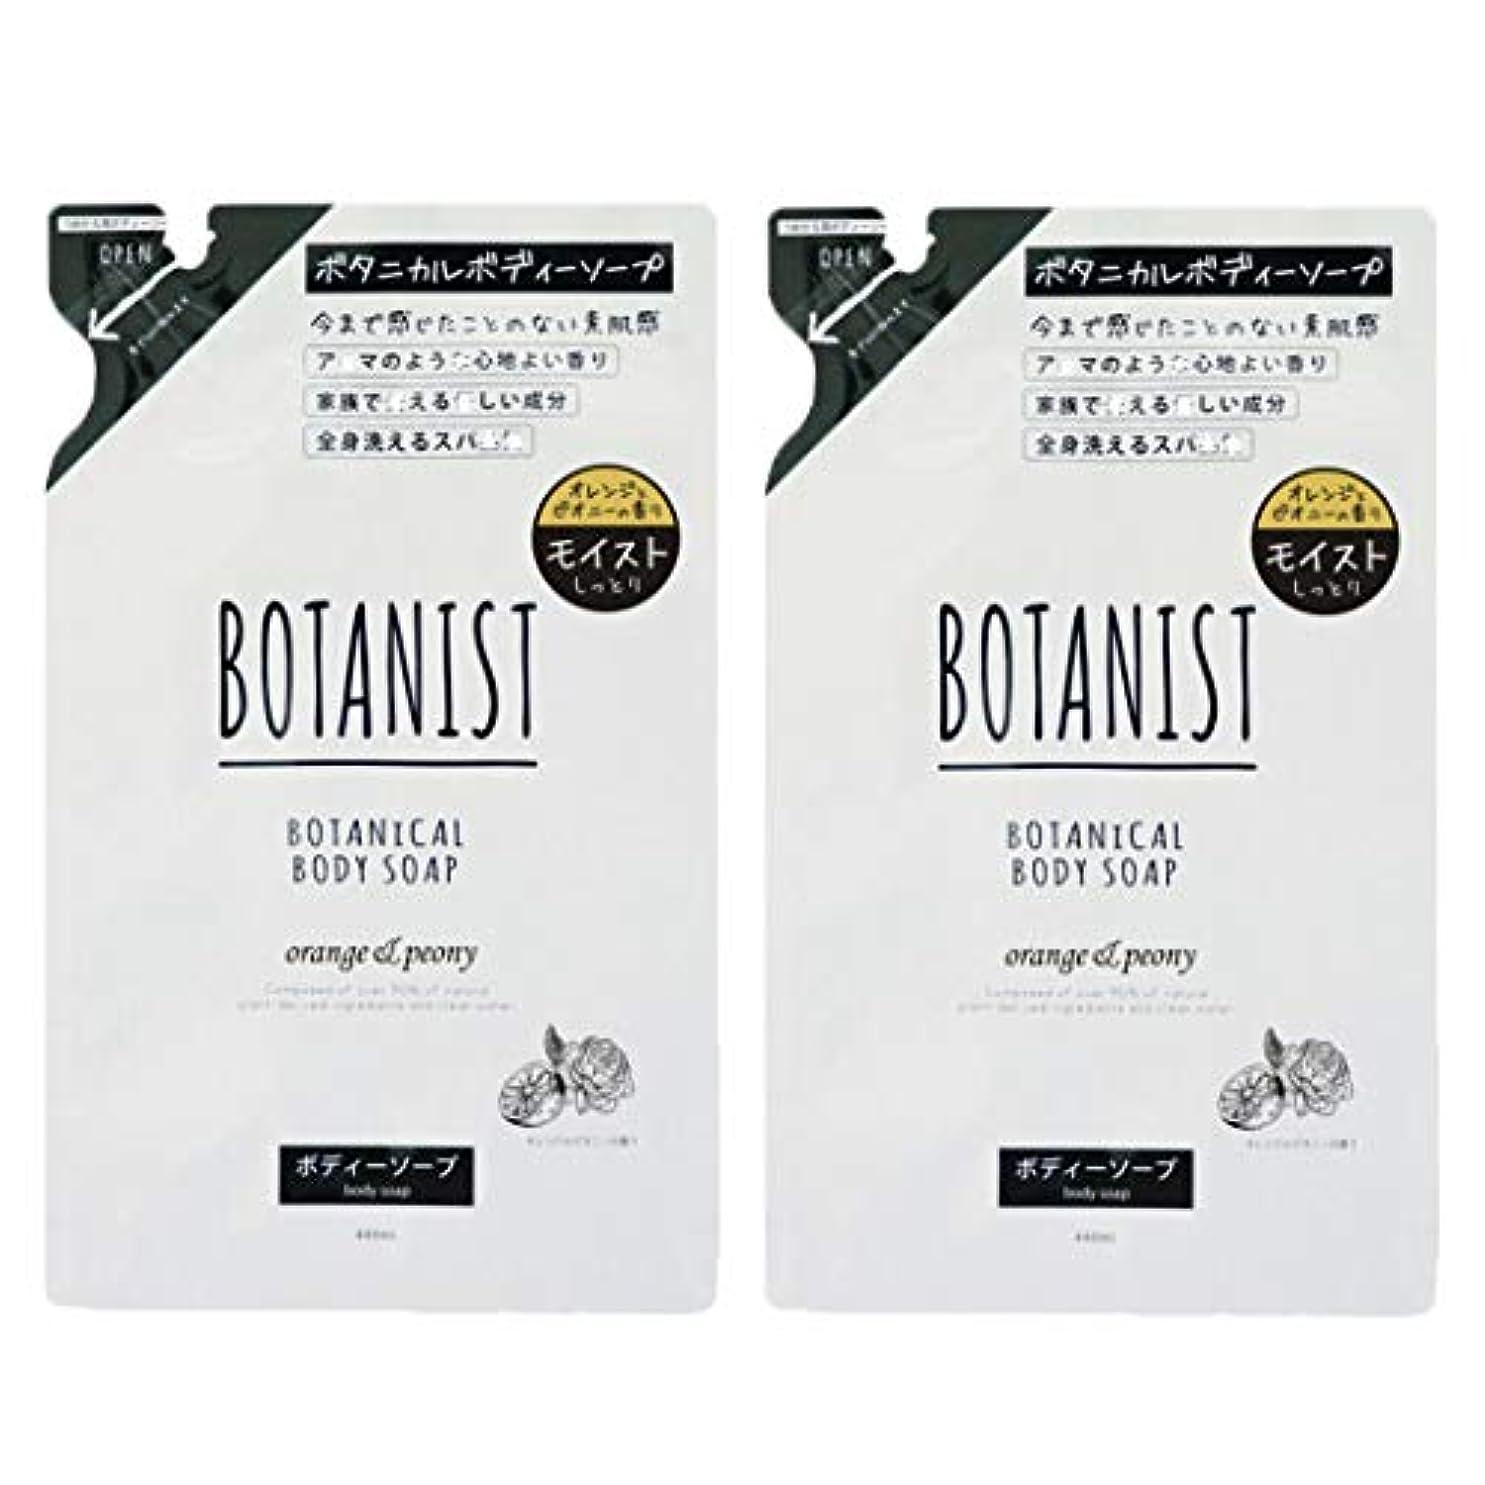 さておき知覚できる同様の【詰め替えセット】BOTANIST ボタニスト ボタニカル ボディーソープ モイスト 440ml オレンジ&ピオニー 詰め替え 2パックセット